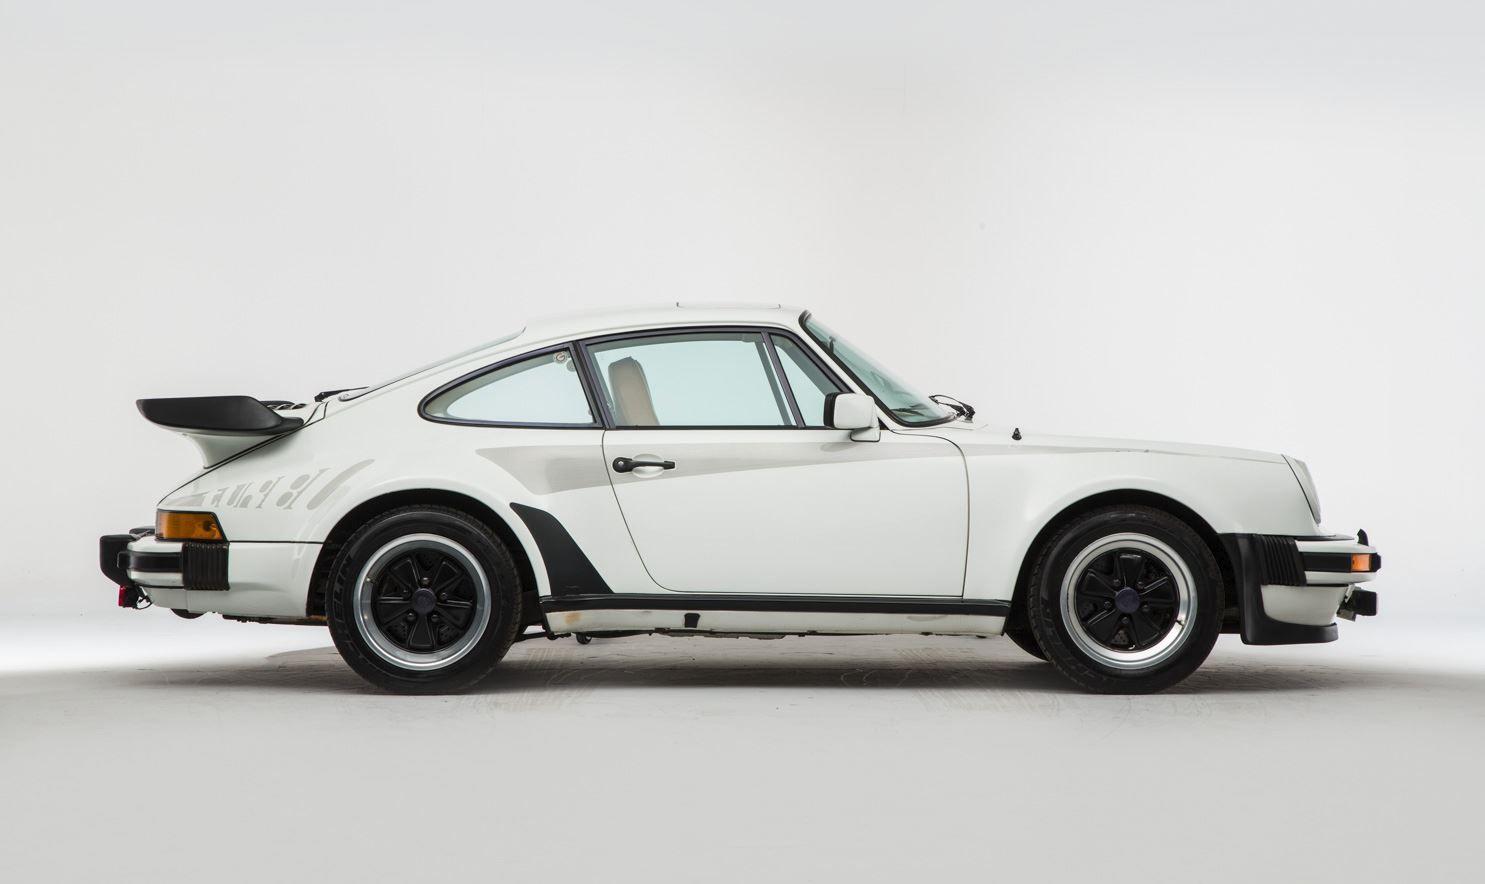 Porsche 930 turbo 1972 porsche 930 cars pinterest porsche porsche 930 turbo 1972 vanachro Gallery